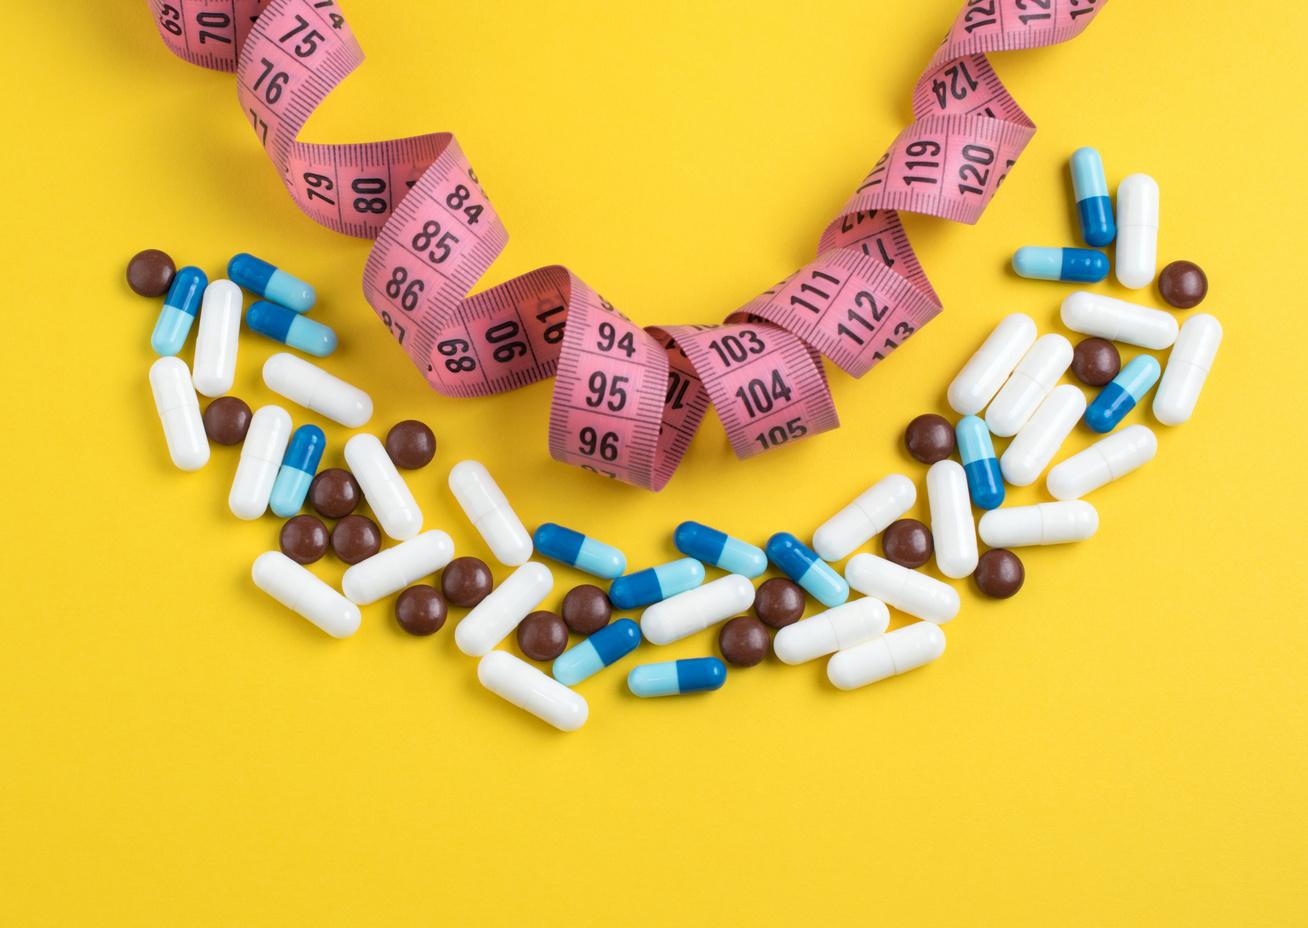 hogyan lehet örökre megszabadulni a magas vérnyomástól tabletták nélkül